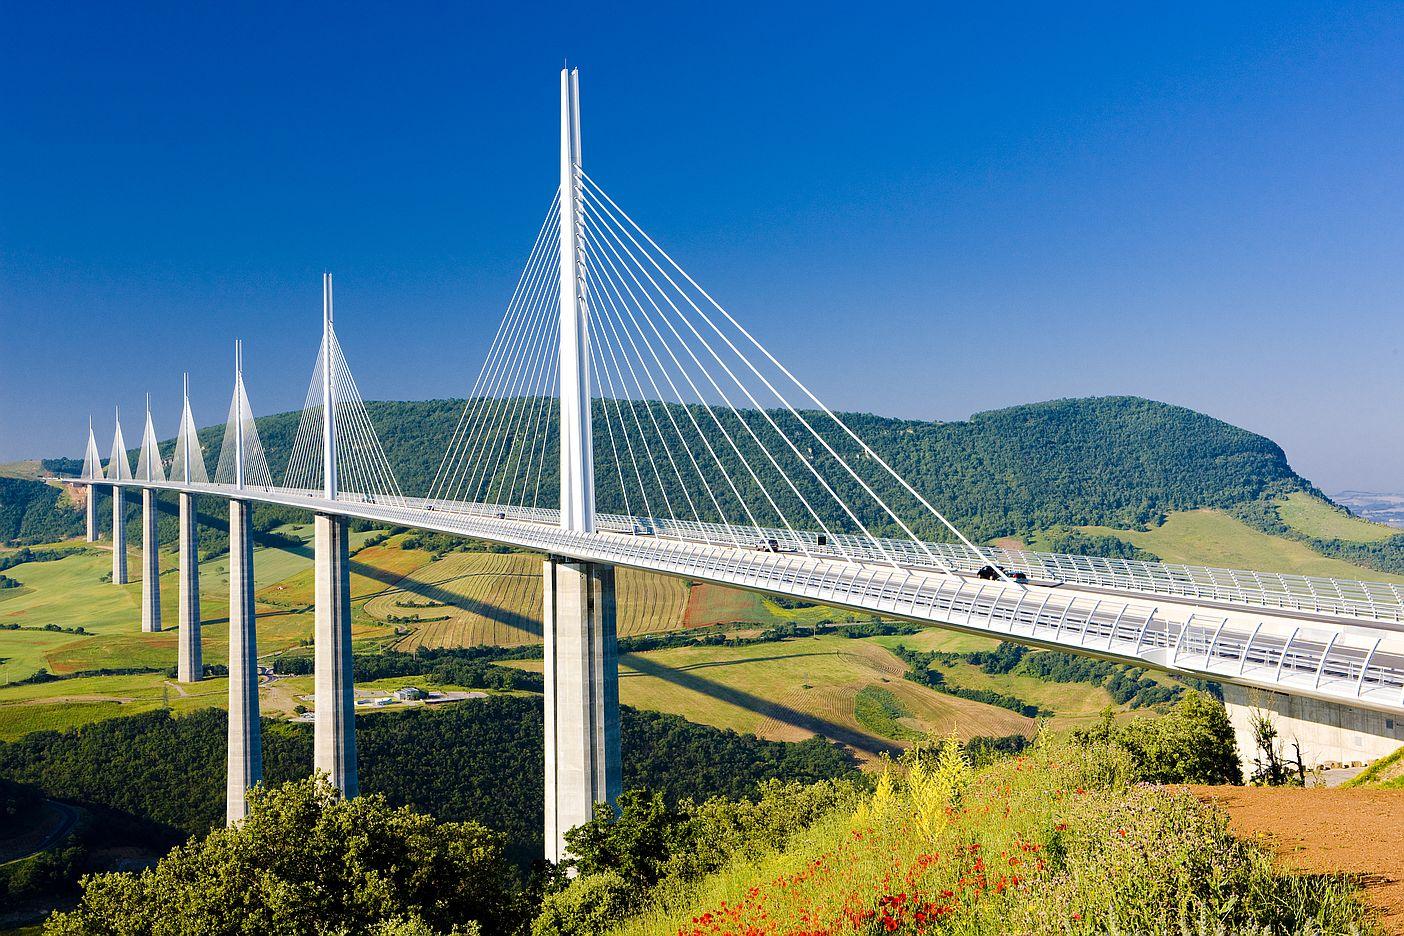 Viadukt ve francouzském Millau je nejvyšší most nejen v Evropě, ale i na celém světě. Tedy pokud počítáme výšku nejvyššího sloupu.